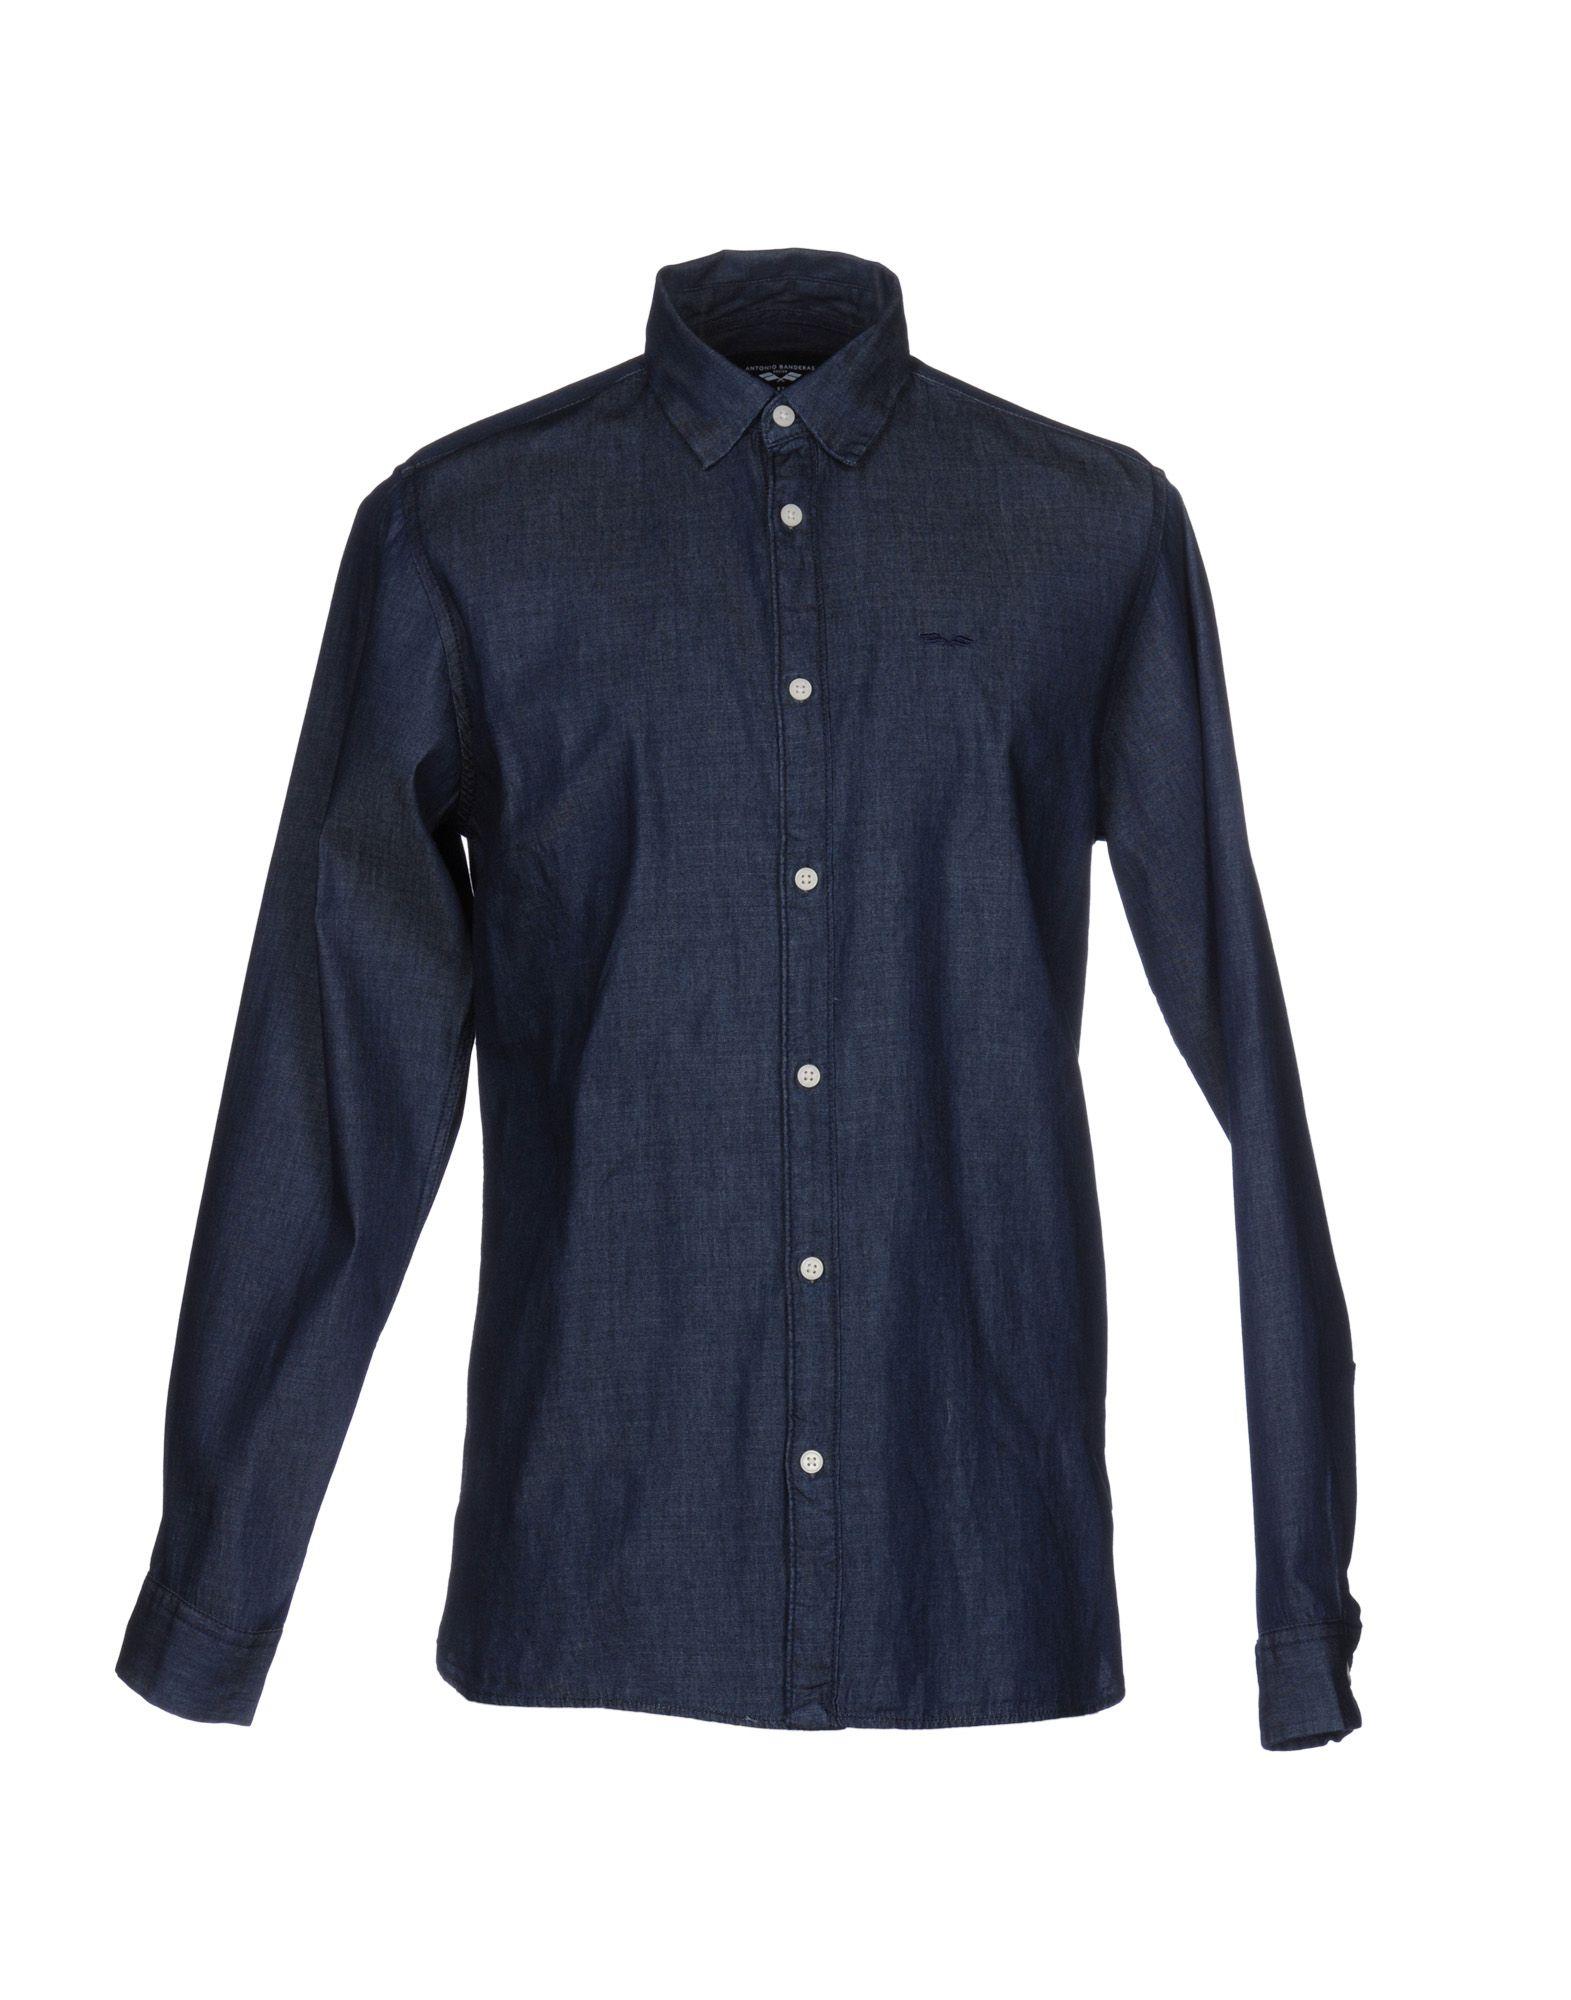 ANTONIO BANDERAS DESIGN by SELECTED HOMME Джинсовая рубашка пальто мужское selected homme antonio banderas цвет черный серый 16051623 размер xxl 52